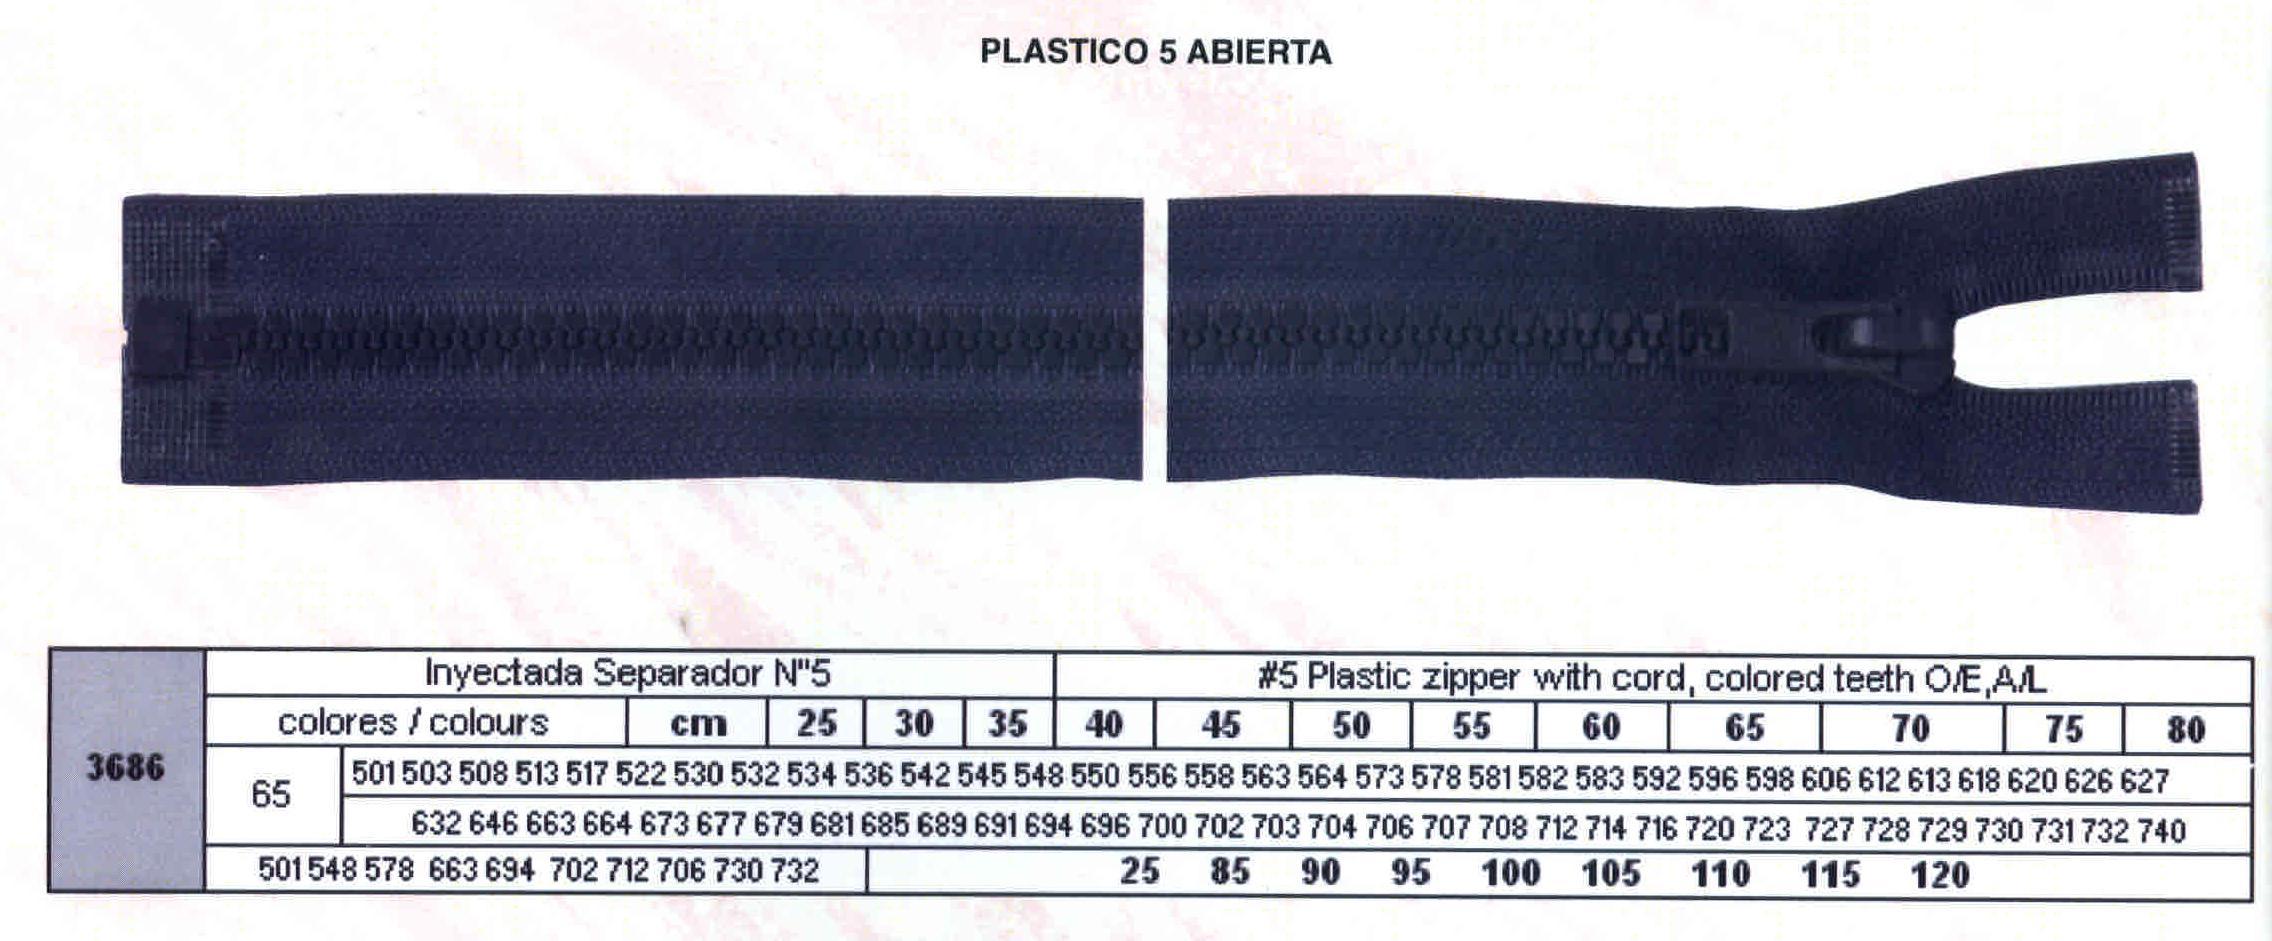 Cremallera SNS Inyectada Separador num. 5